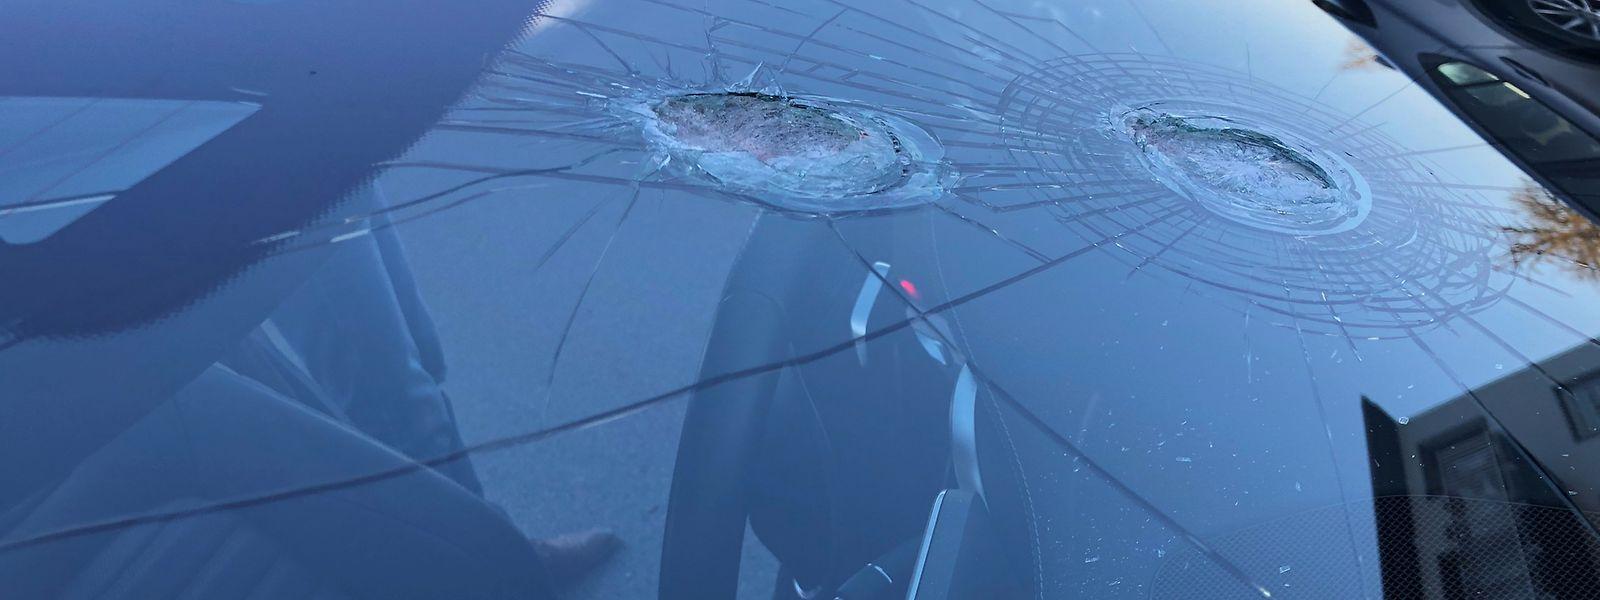 Die Windschutzscheibe des getroffenen Wagens hielt den Einschlägen stand.